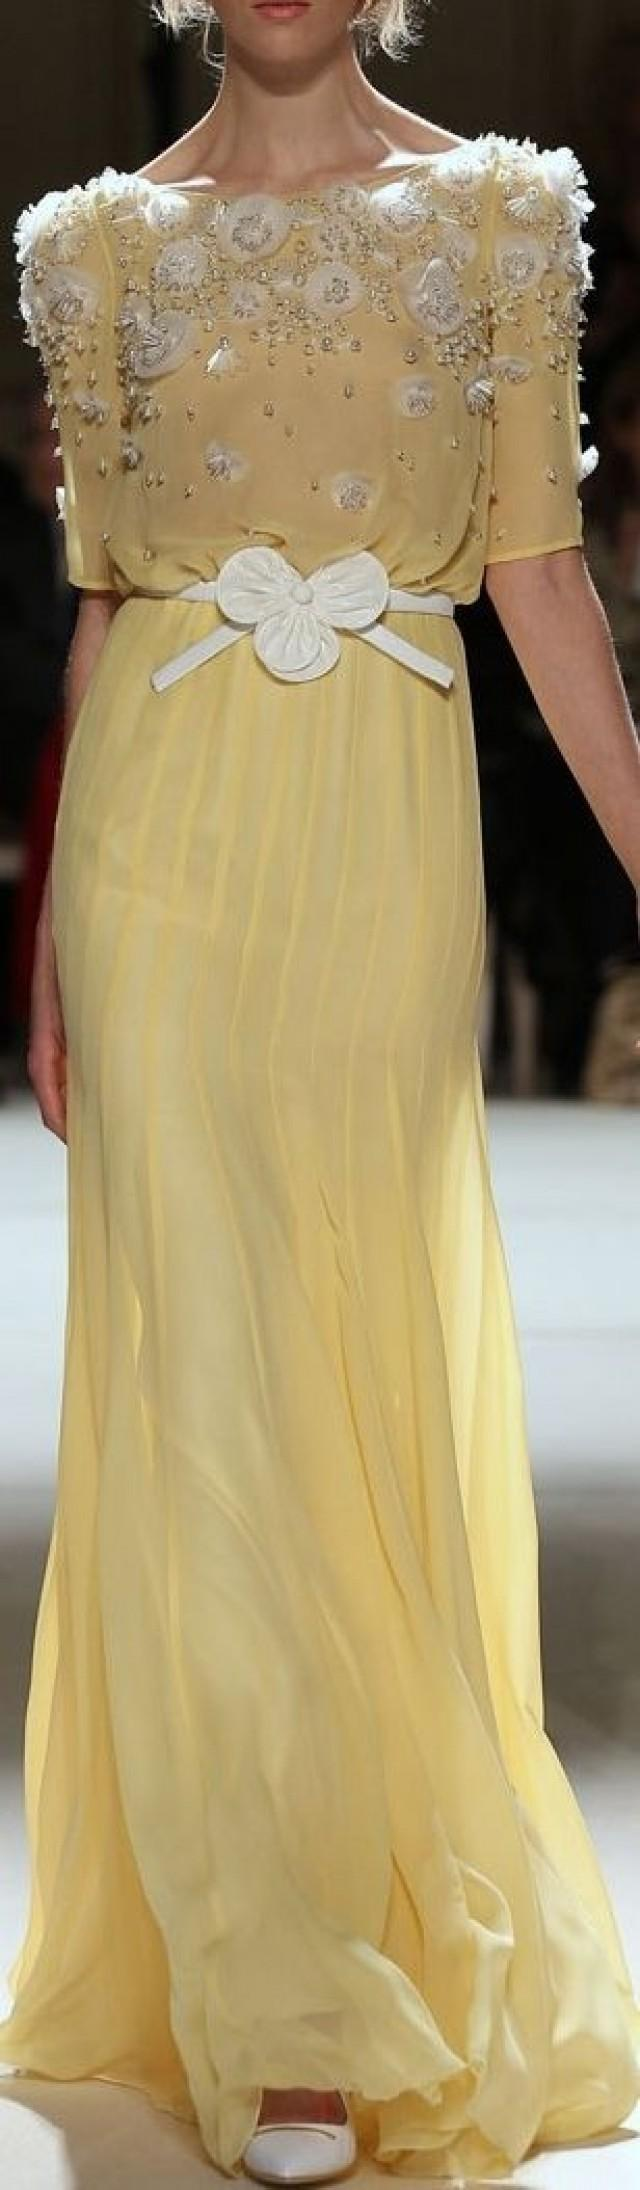 gelbe hochzeits kleider sehnsucht yellows 2087578. Black Bedroom Furniture Sets. Home Design Ideas